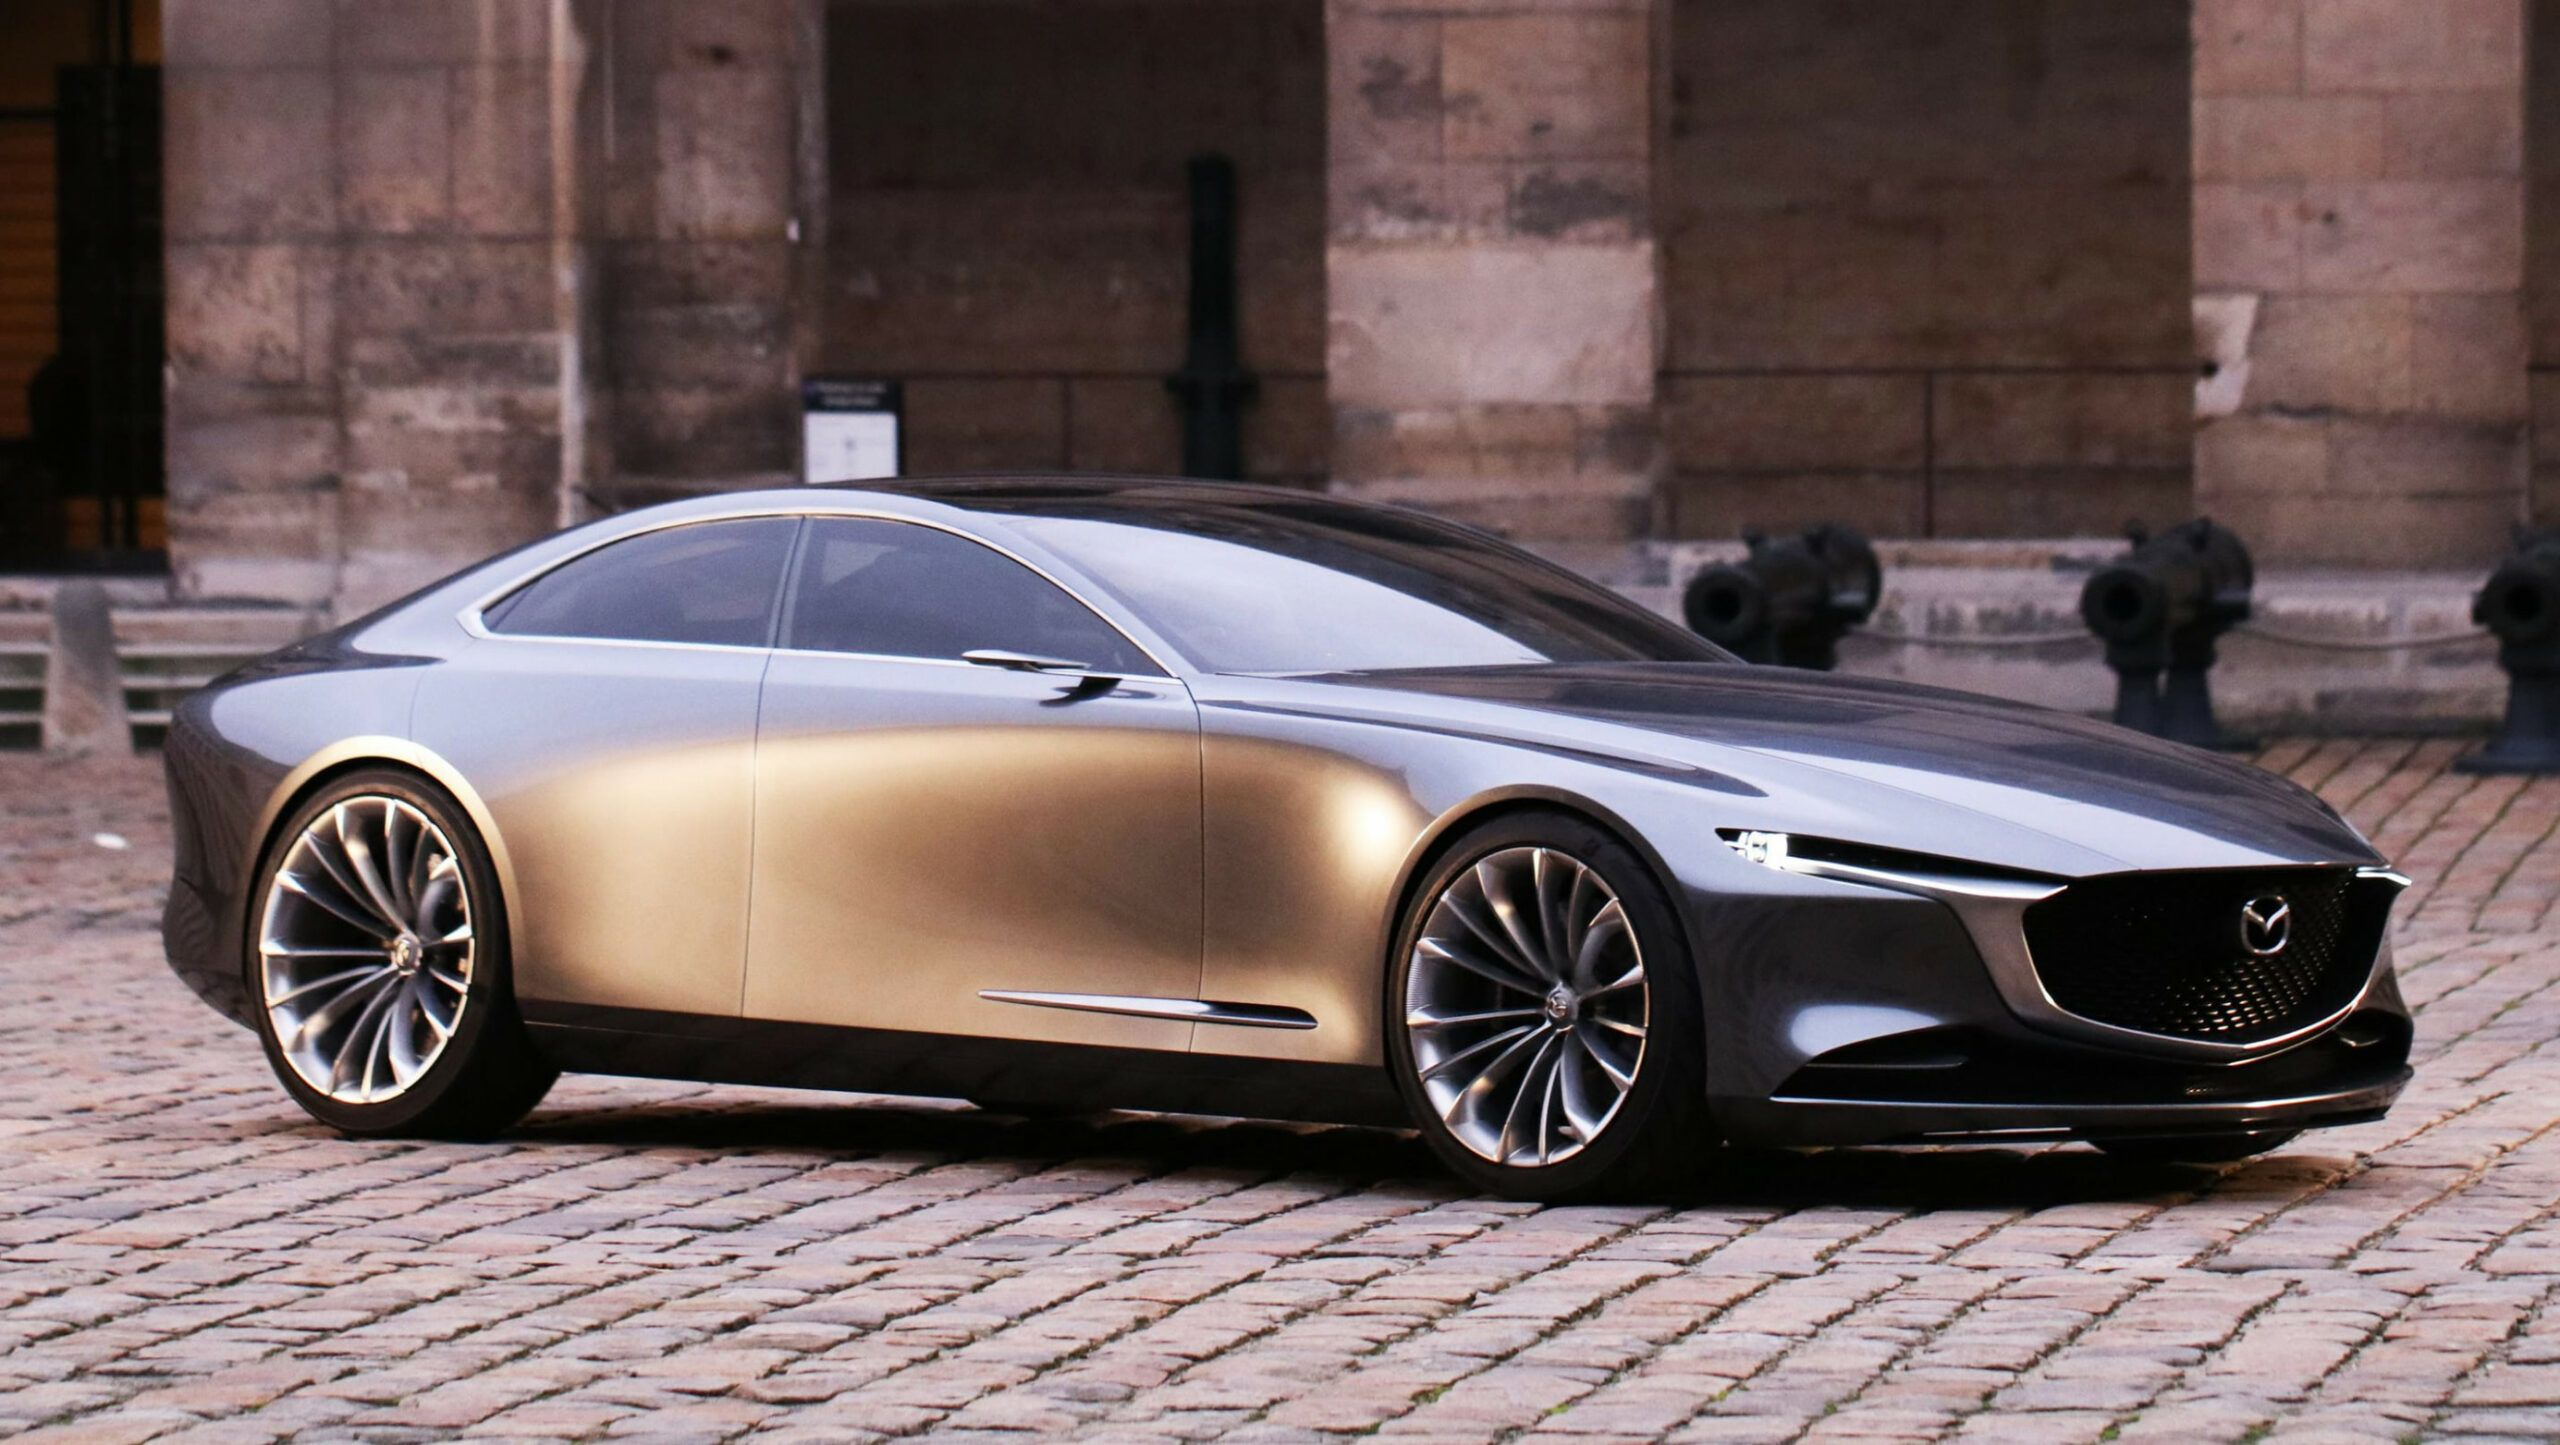 7 Image Mazda E Plan Pricing 2020 In 2020 Mazda Cars Mazda Mazda 6 Coupe